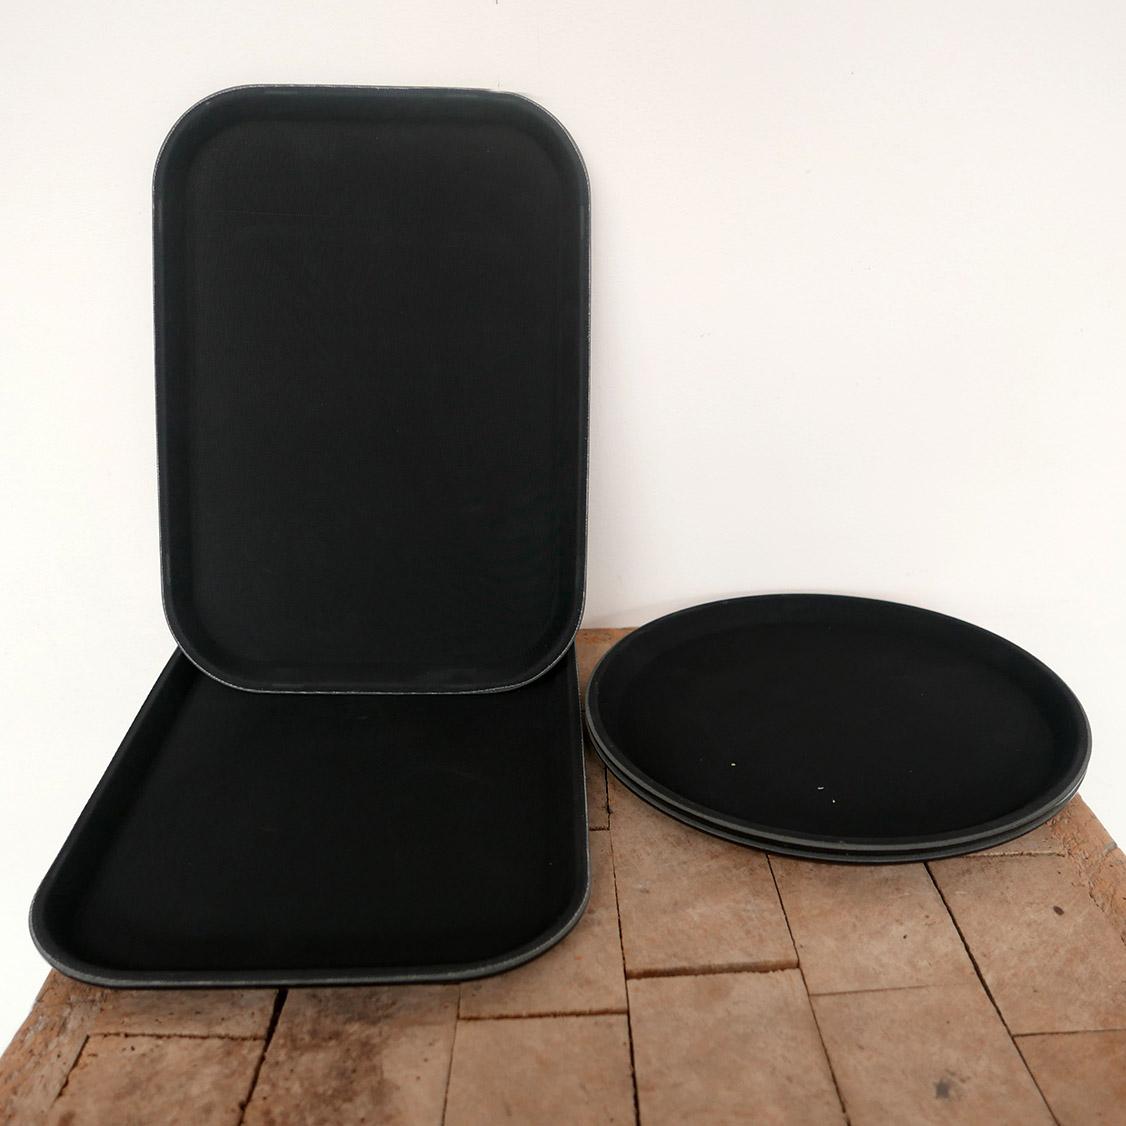 Plateau noir antidrapant en plastique rond rectangle pratique